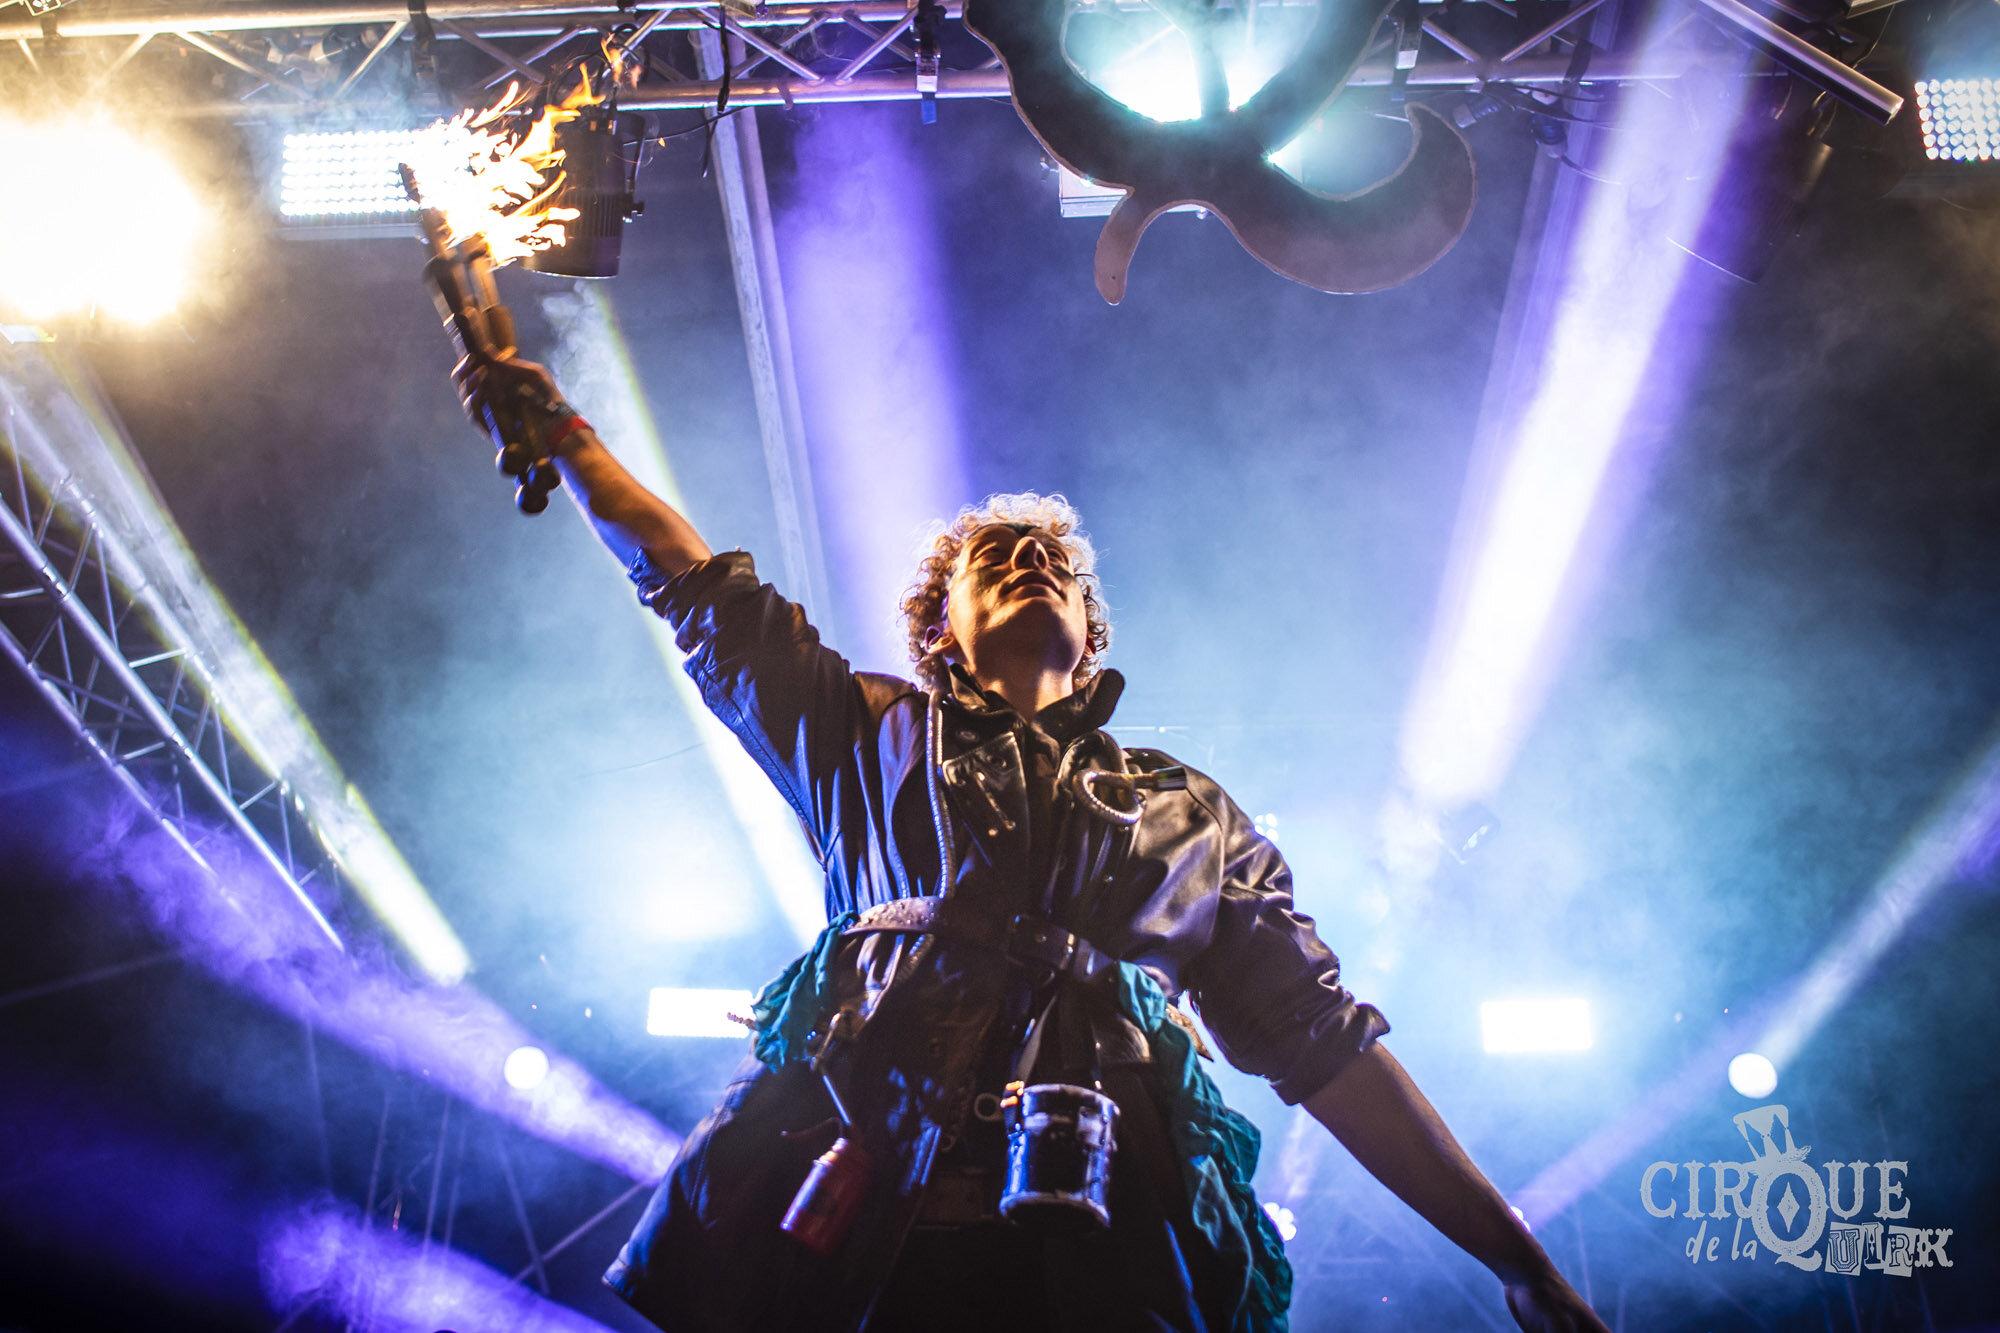 Cirque De La Quirk stage at The Isle of Wight Festival, 2019